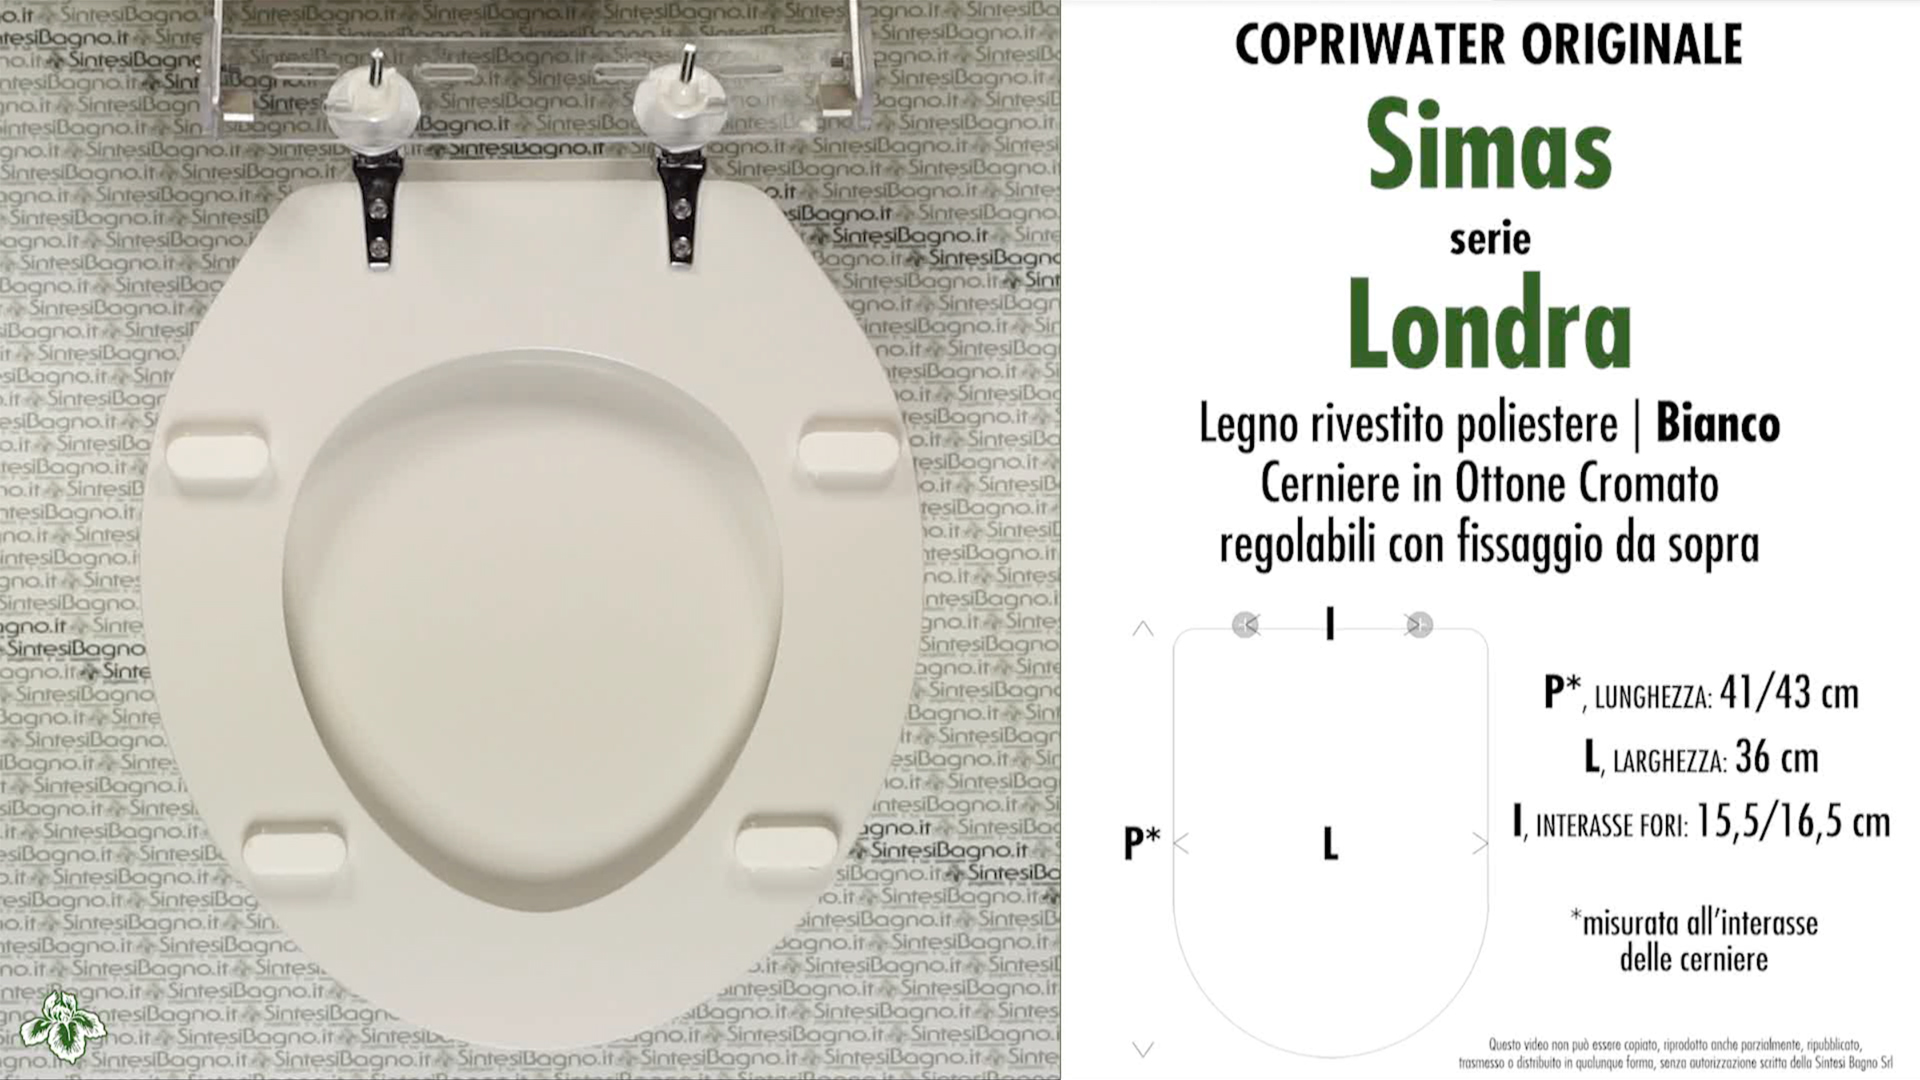 SCHEDA TECNICA MISURE copriwater SIMAS LONDRA